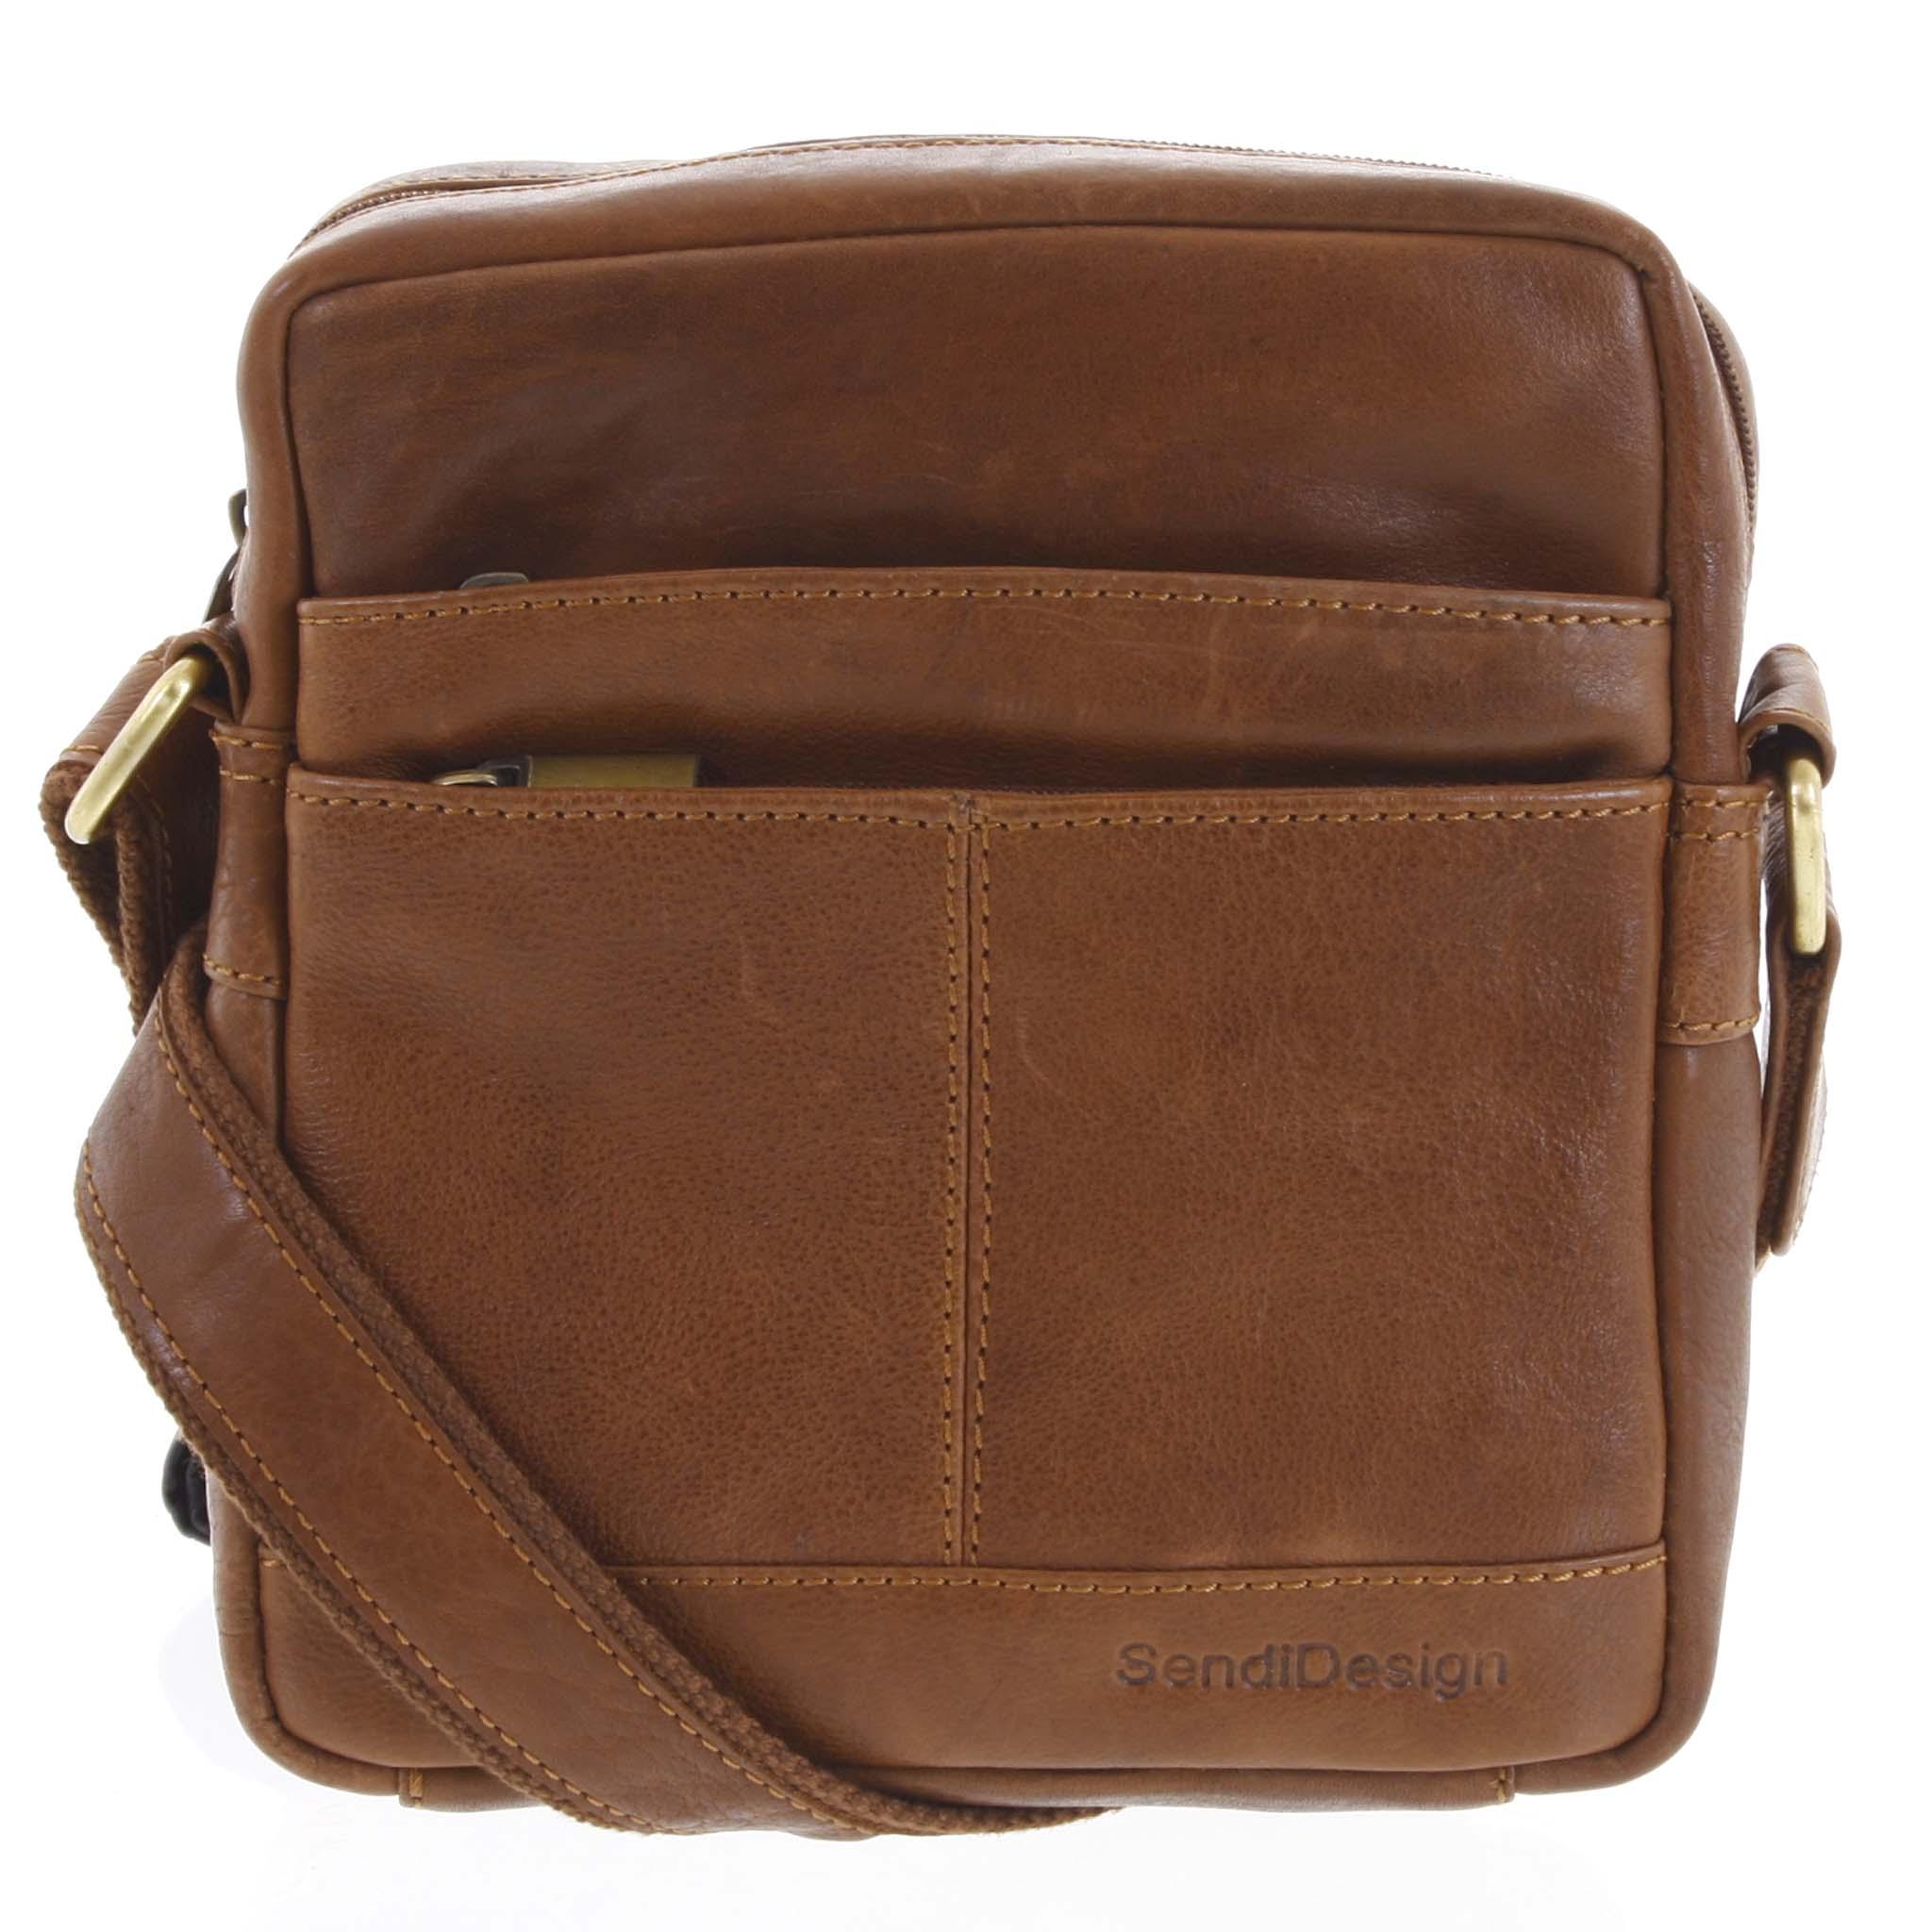 Pánska kožená taška hnedá - SendiDesign Shaper hnedá